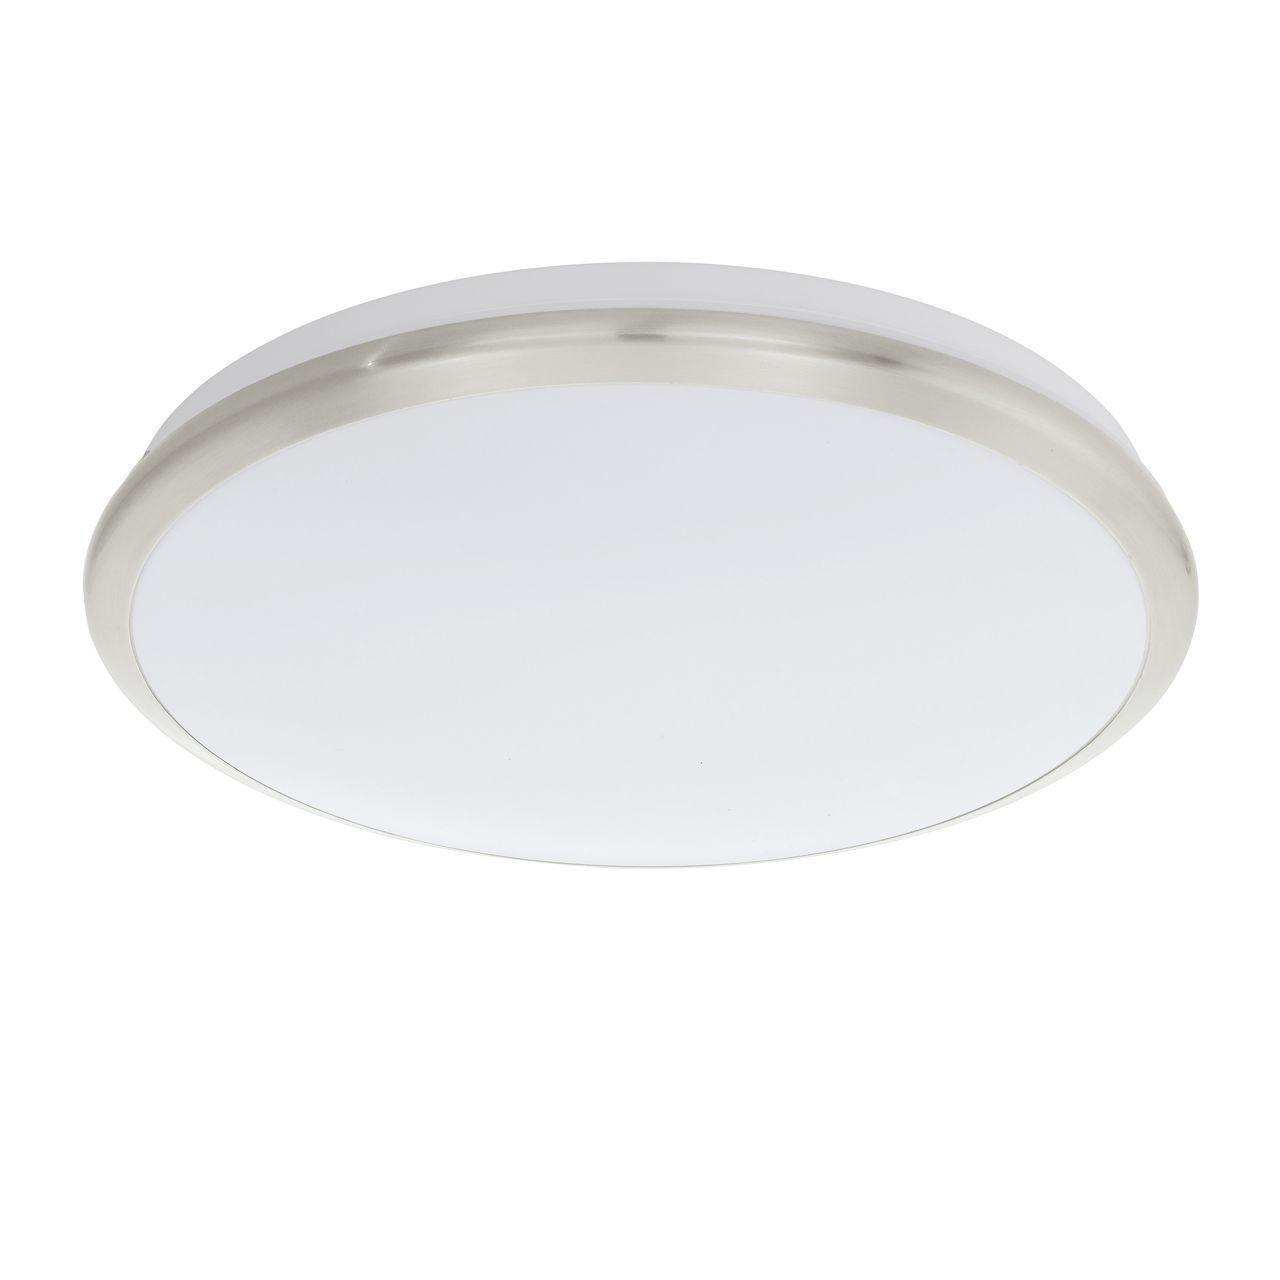 Потолочный светильник Eglo Manilva 93499 потолочный светильник eglo manilva 93496